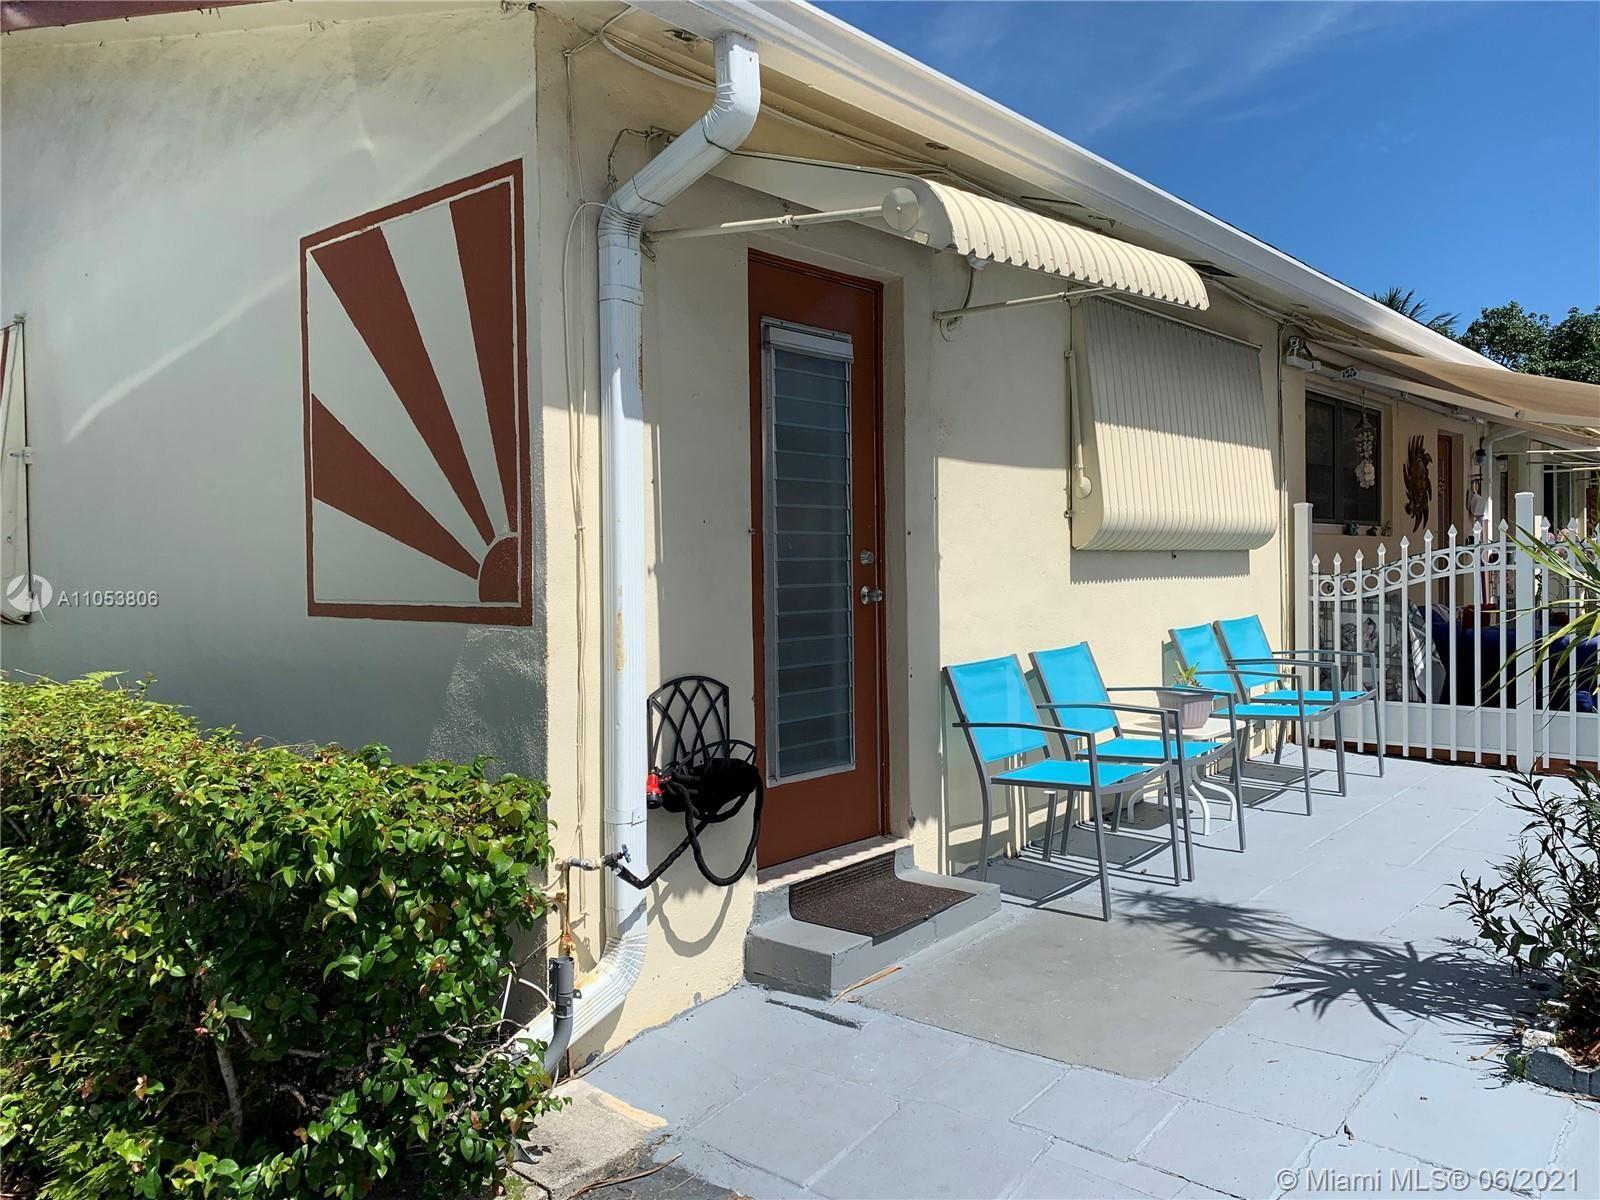 2516 Hayes St #12, Hollywood, FL 33020 - #: A11053806